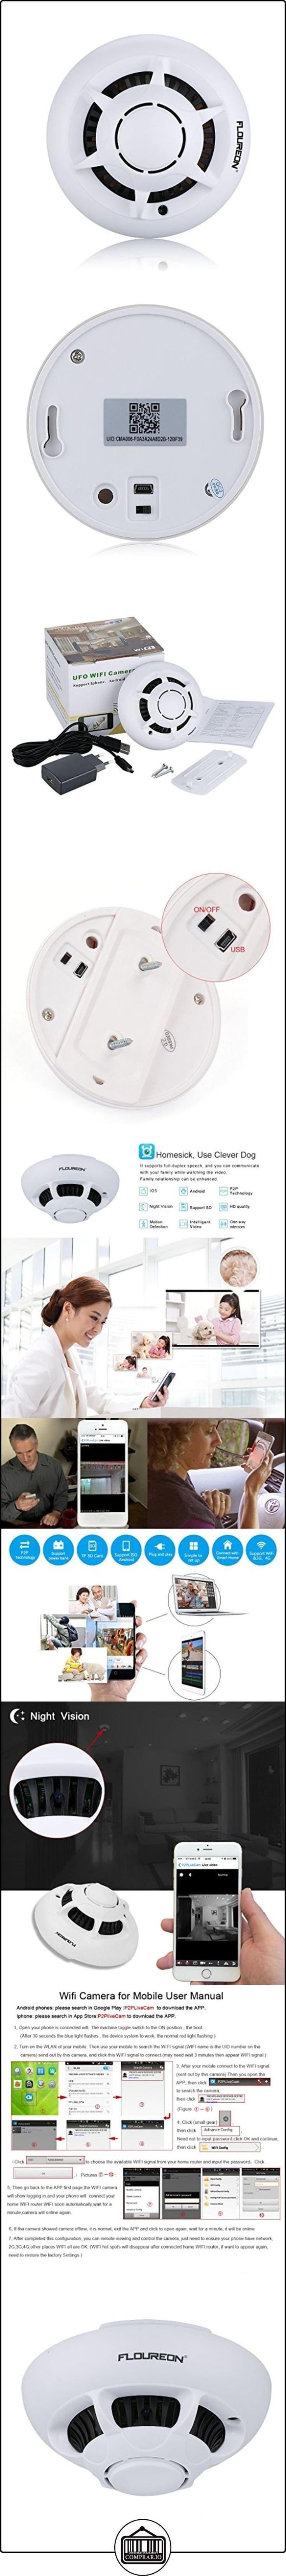 Floureon Camara Vigilancia Bebe (Incluye 16G Tarjeta TF, Visión Nocturna, Wifi, Iphone, Android, Windows, Mac), Blanco  ✿ Vigilabebés - Seguridad ✿ ▬► Ver oferta: http://comprar.io/goto/B019DPXJWI